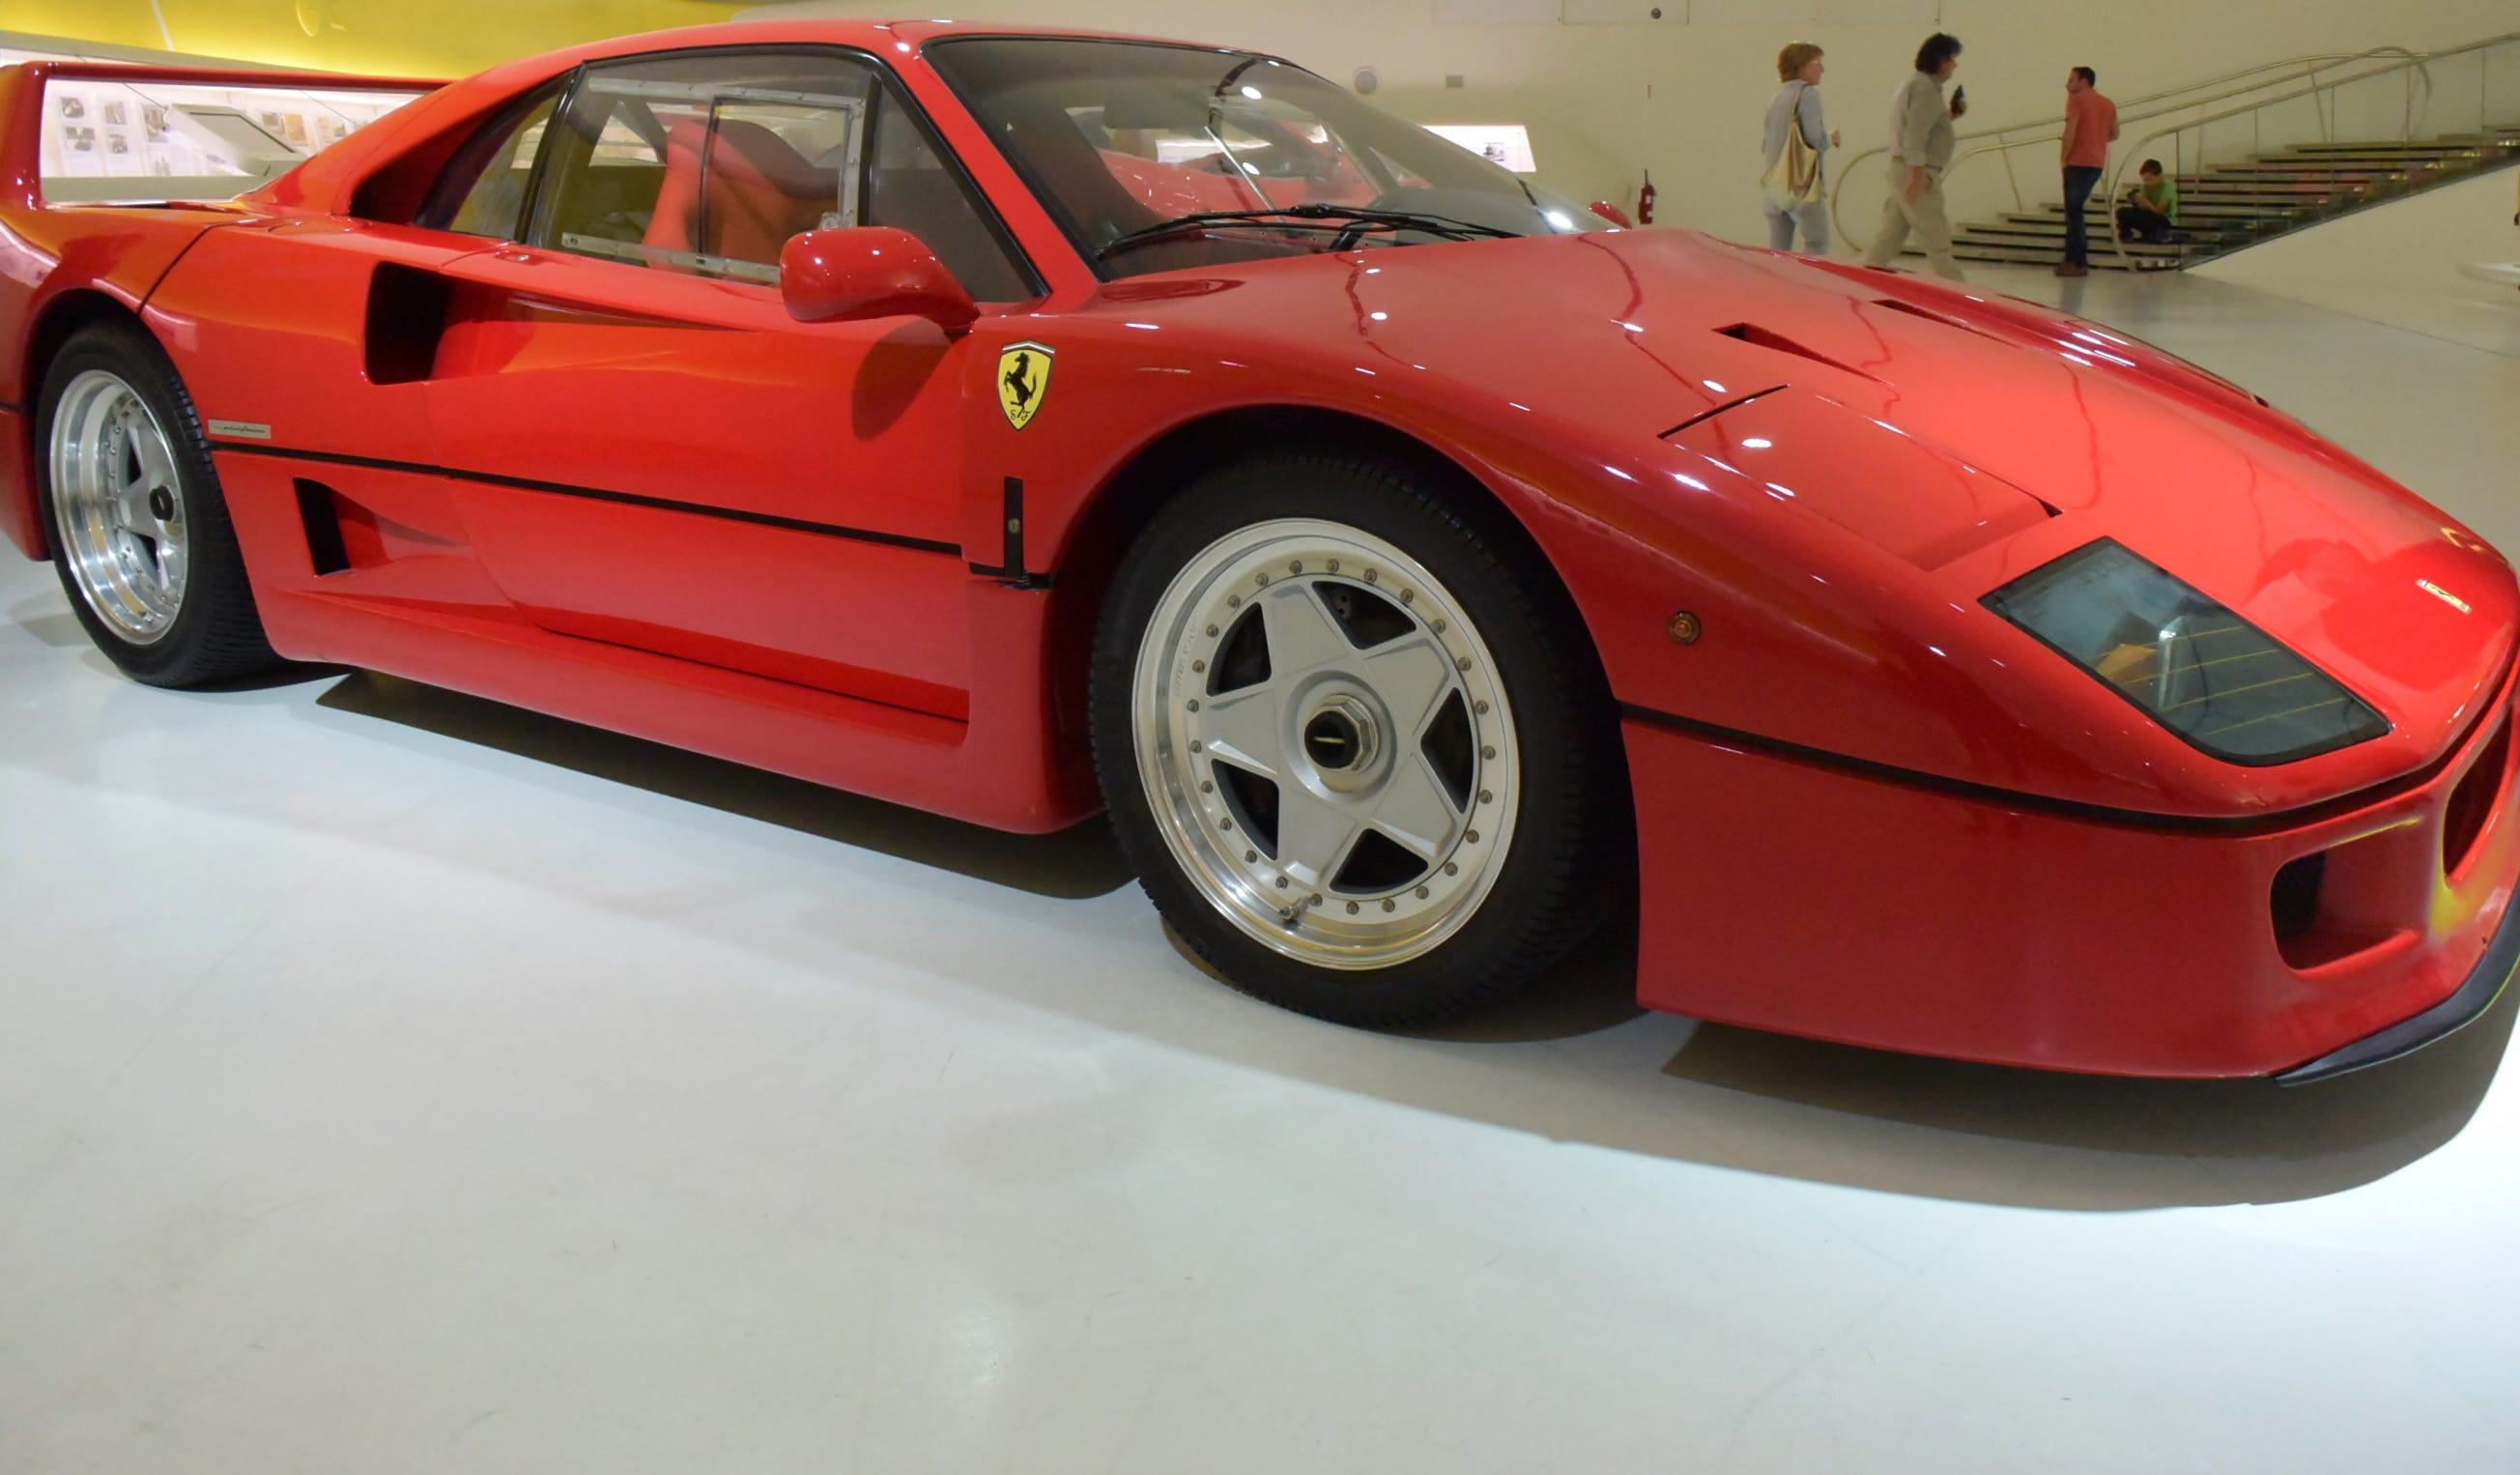 Dream Trip For Car Lovers Ferrari Maserati And More In Modena Italy Kare11 Com